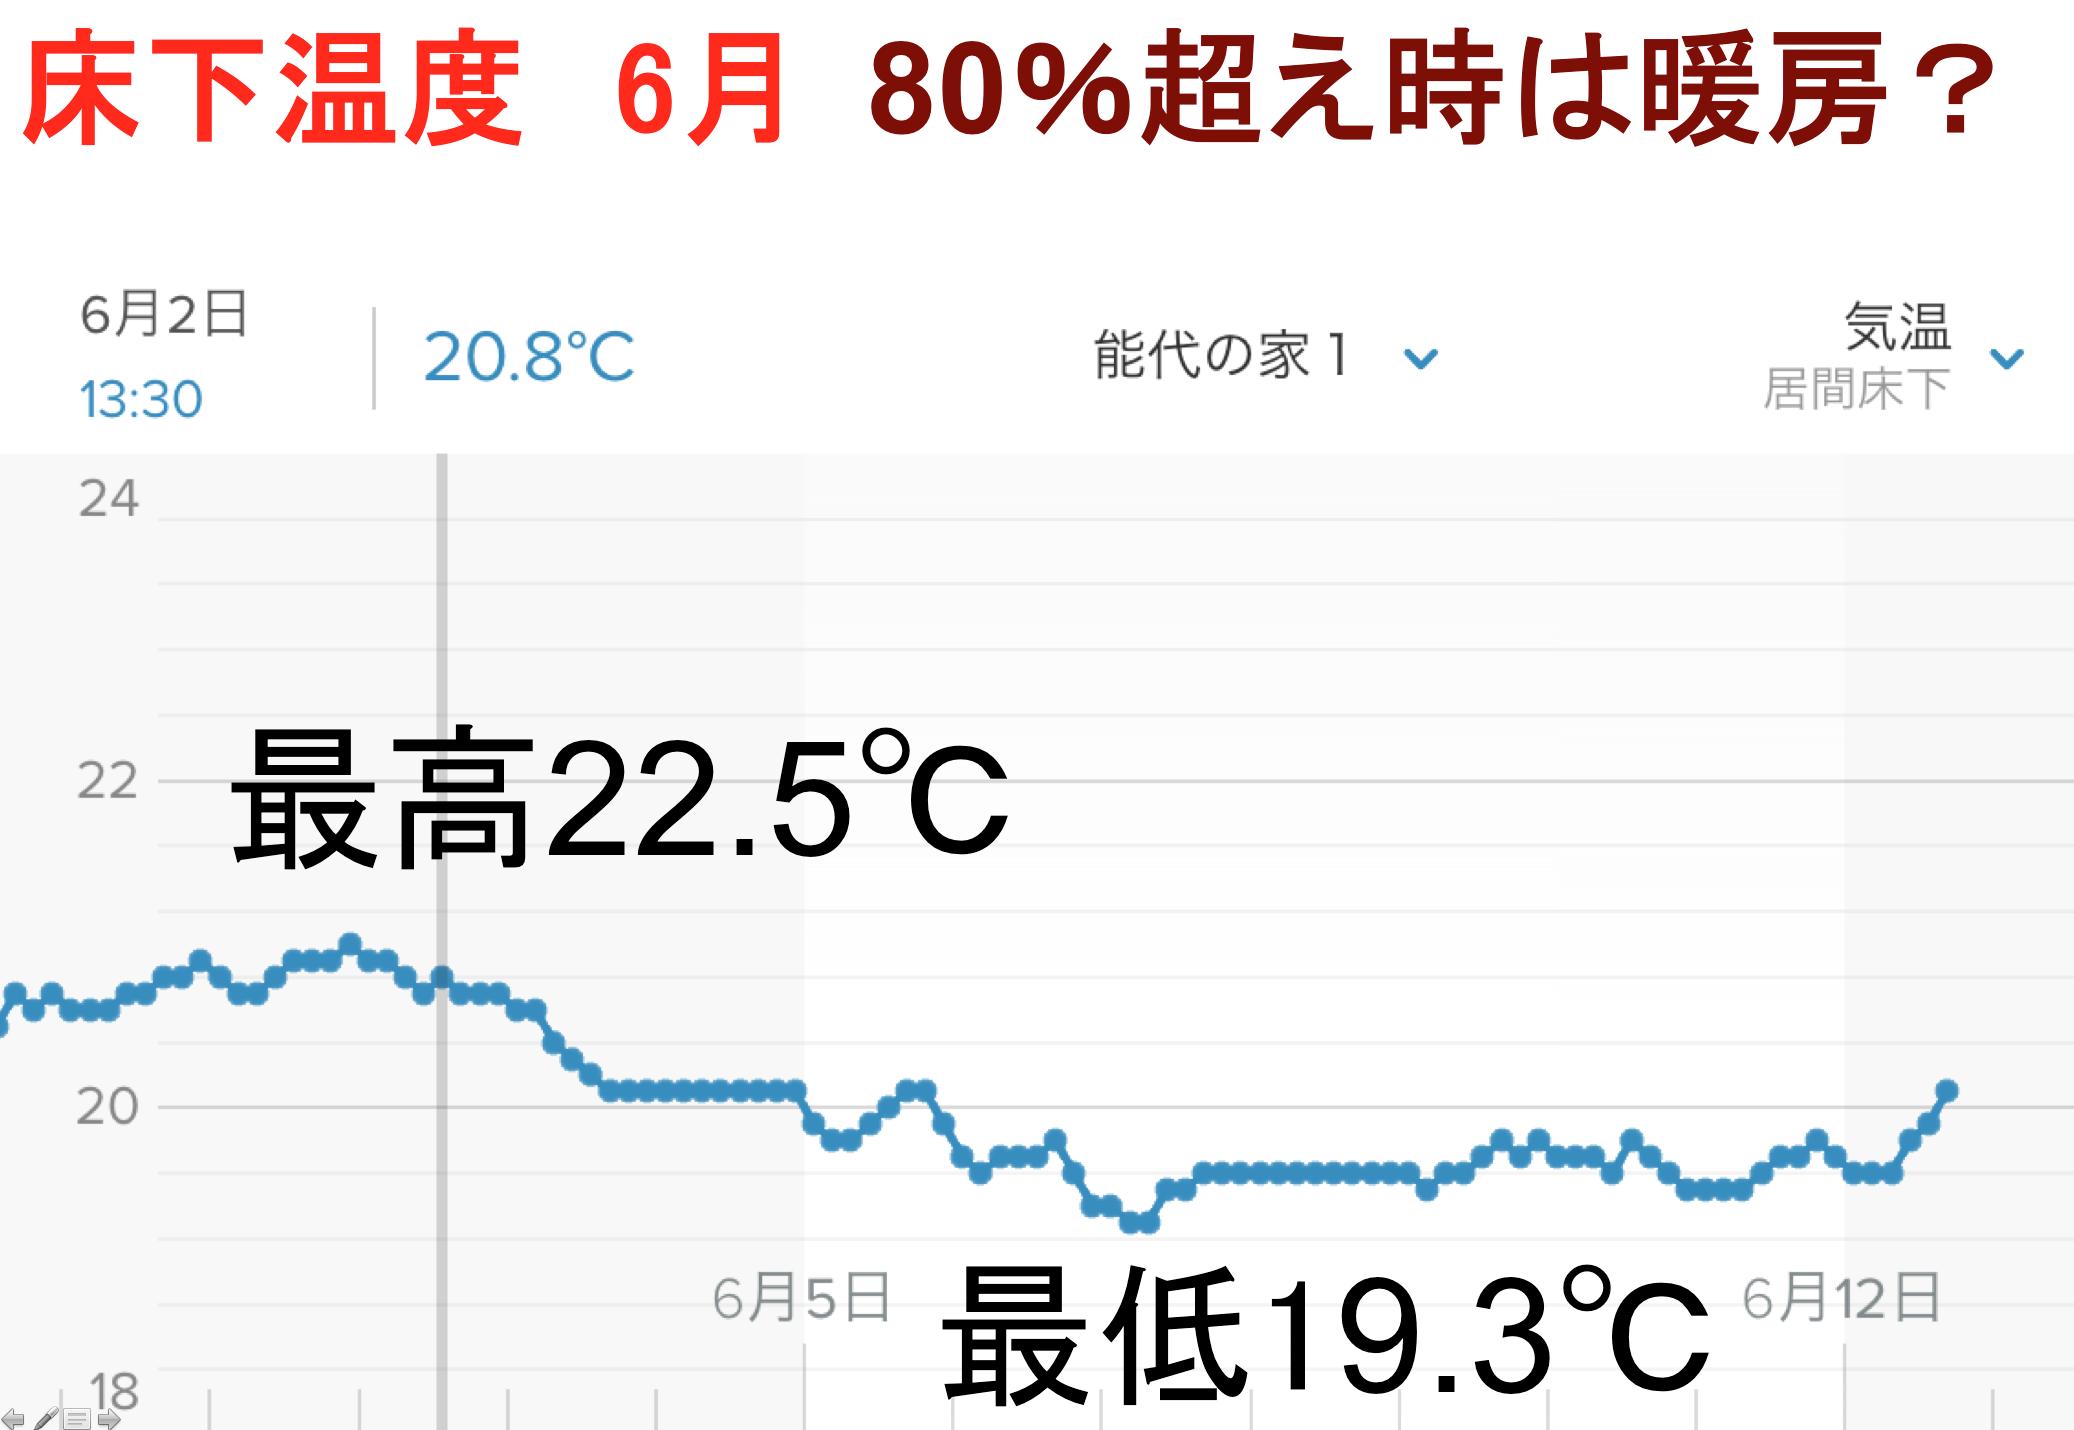 6月の床下湿度_e0054299_17071631.png